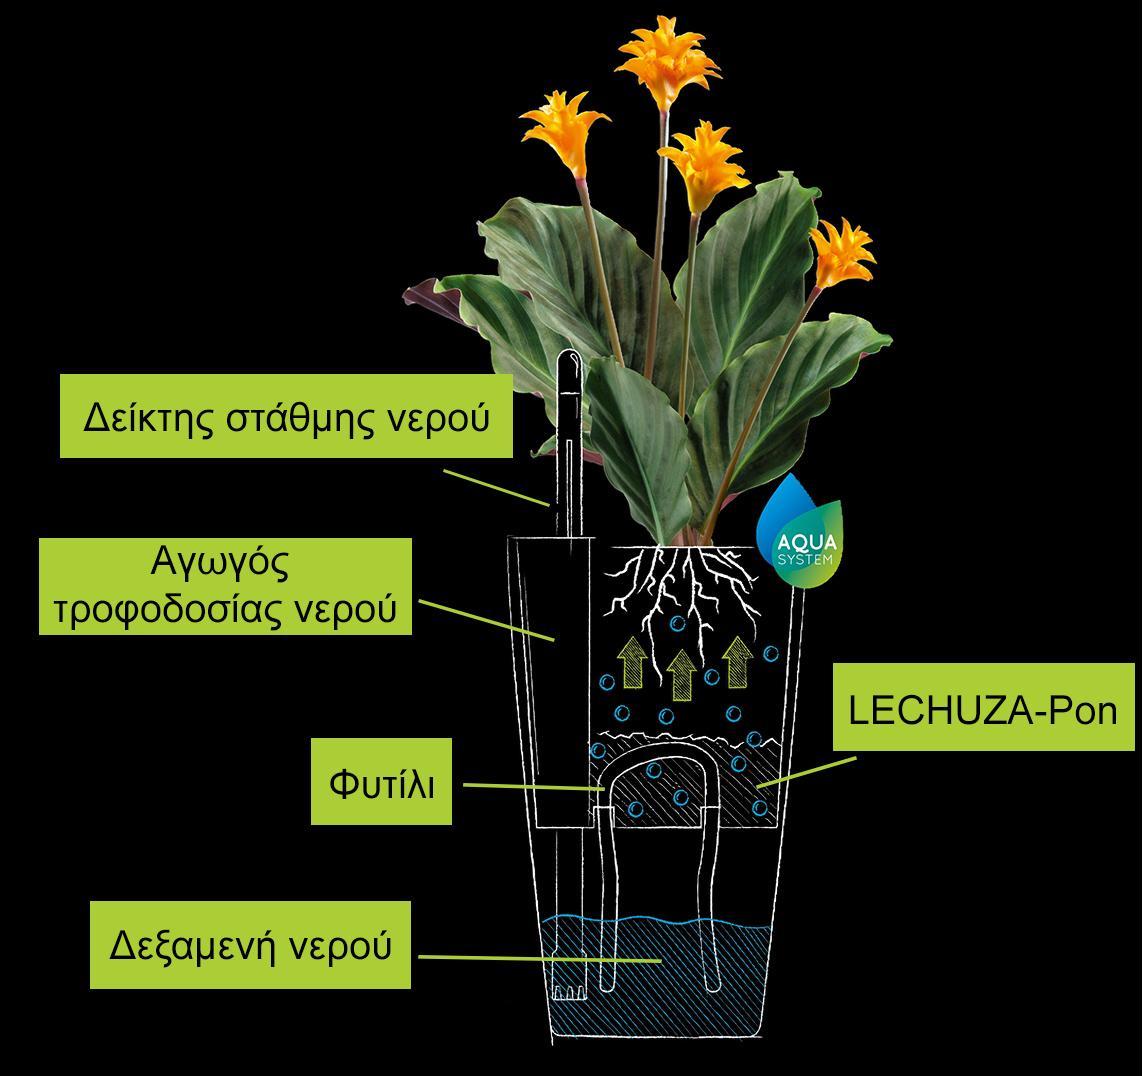 Σχέδιο με επεξήγηση του συστήματος φυτιλιού